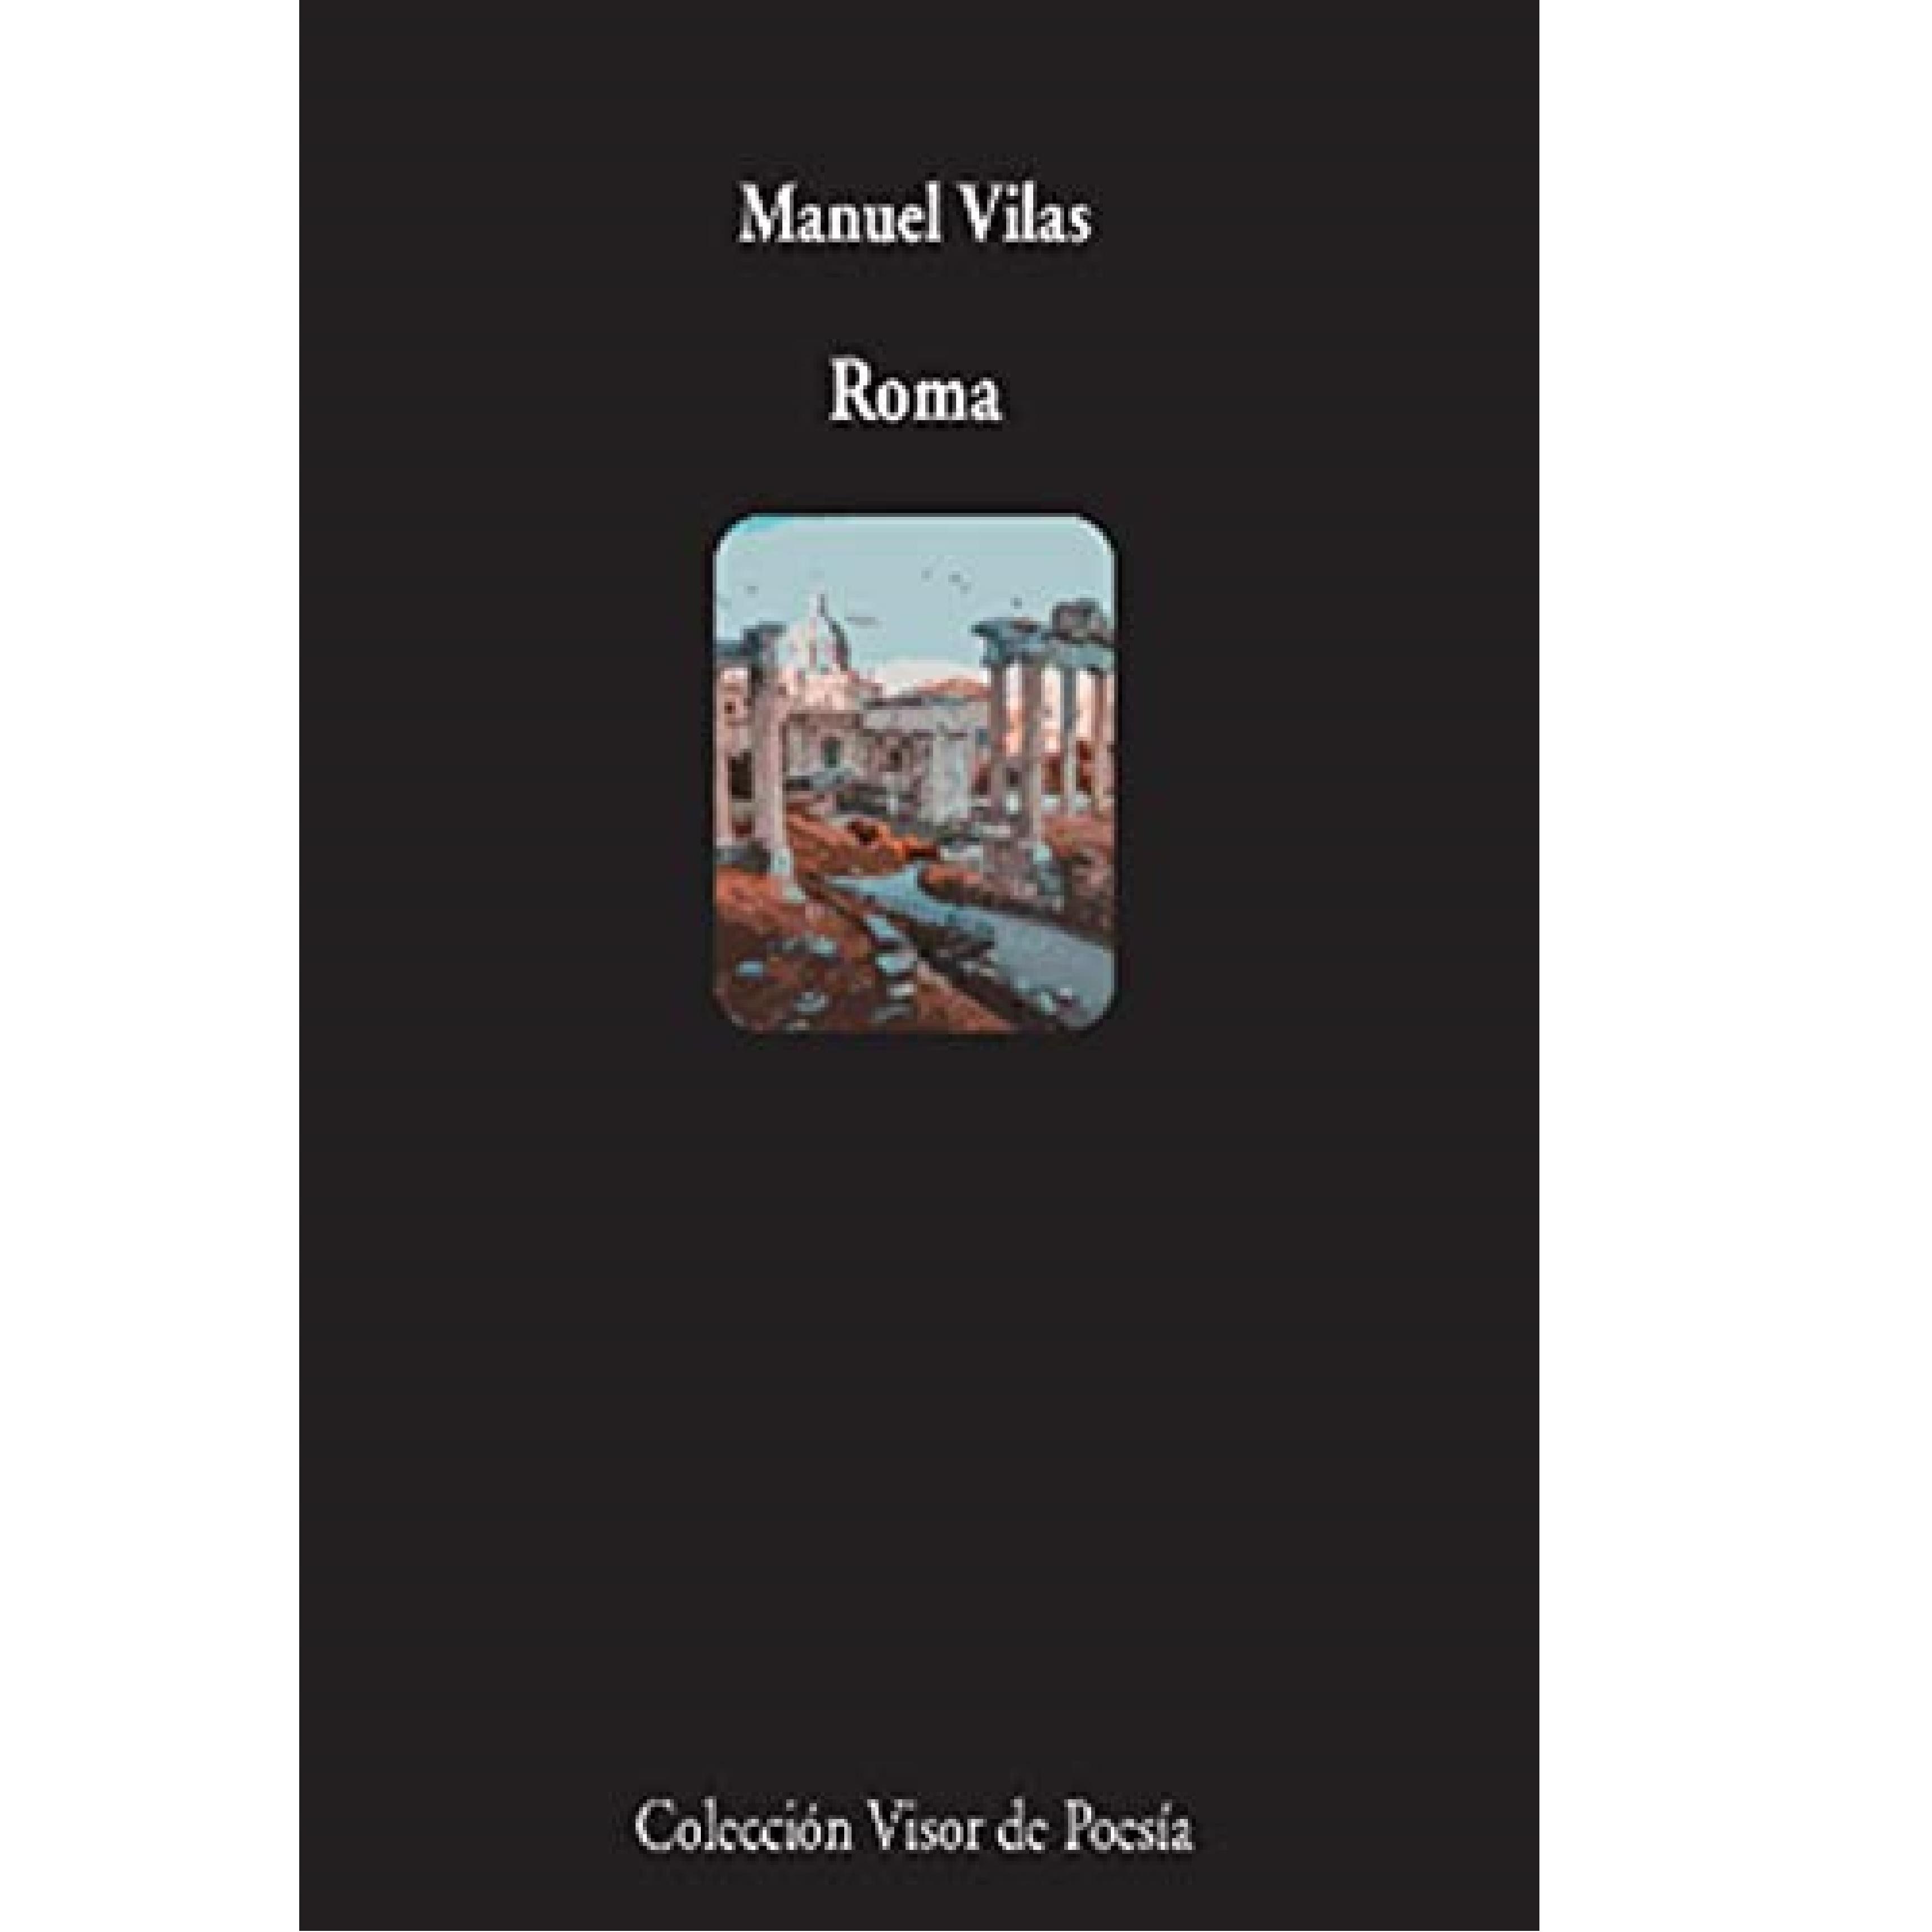 Portada de 'Roma', de Manuel Vilas.